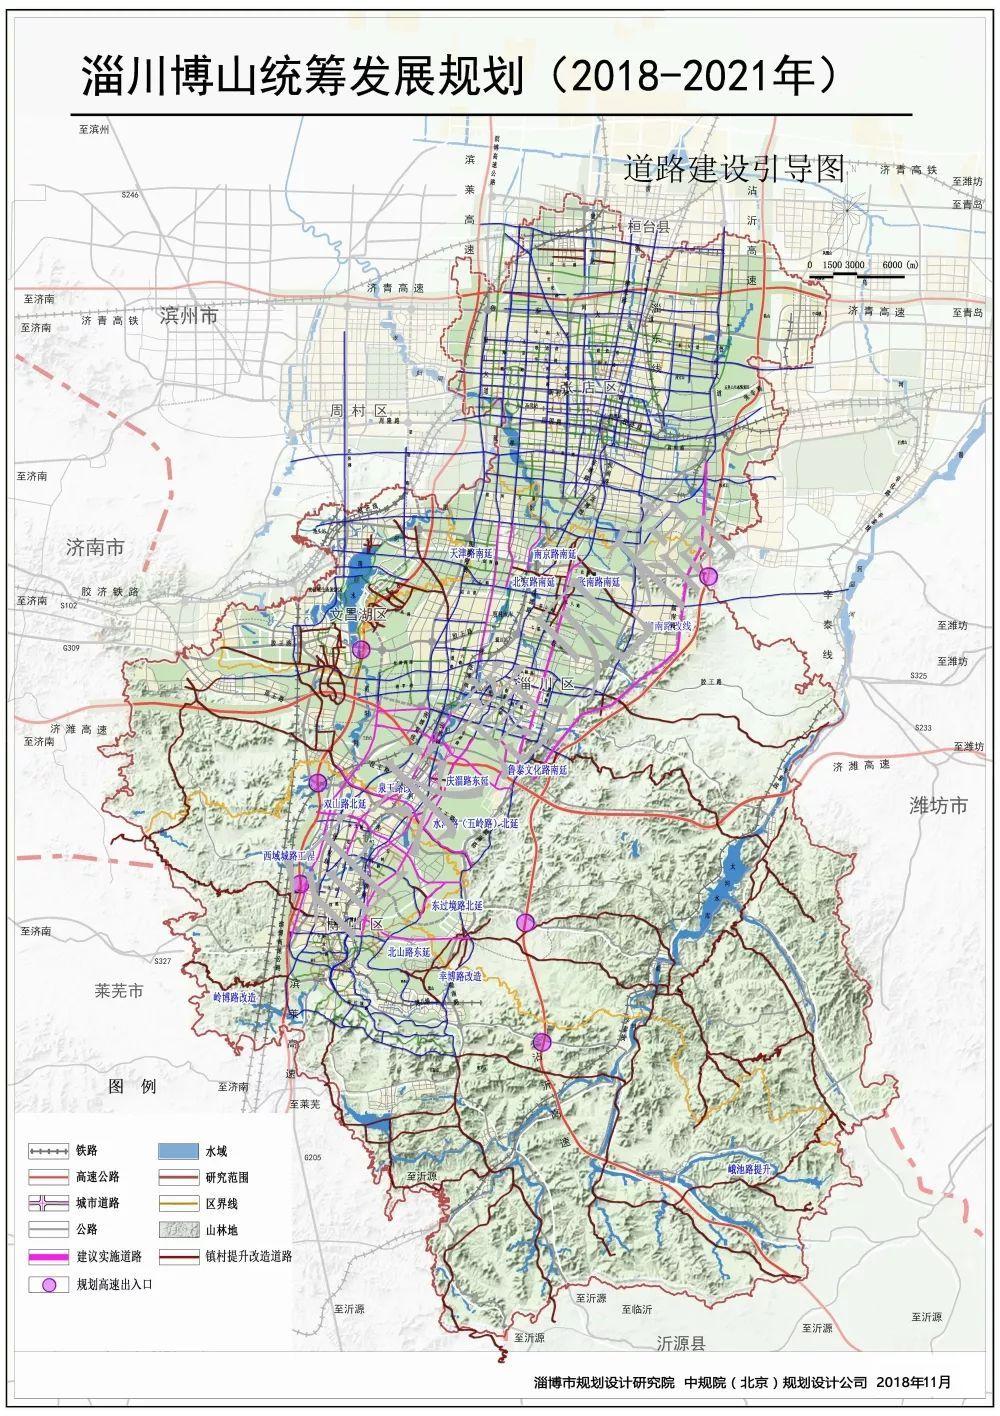 博山区人口_博山区地图